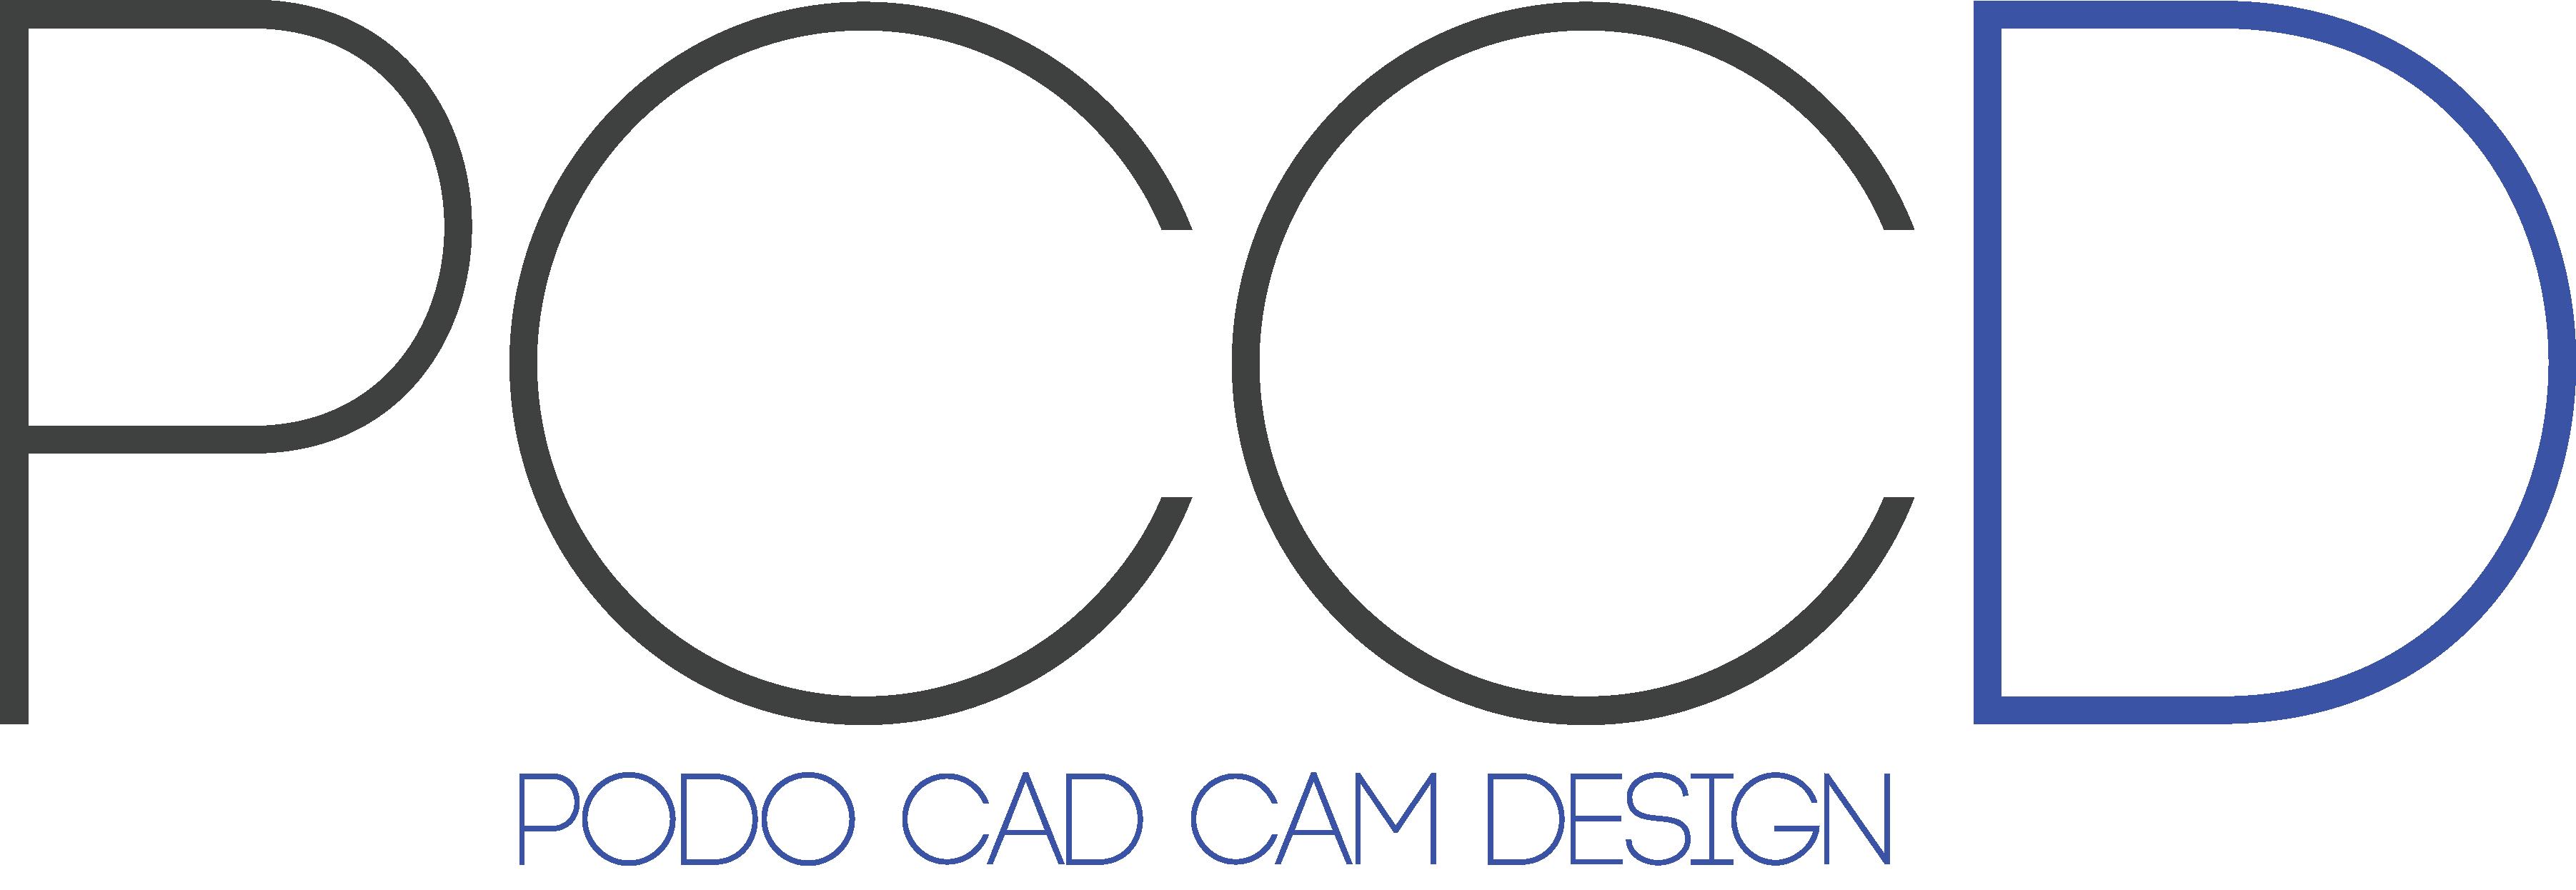 PCCD|Podo Cad Cam Design